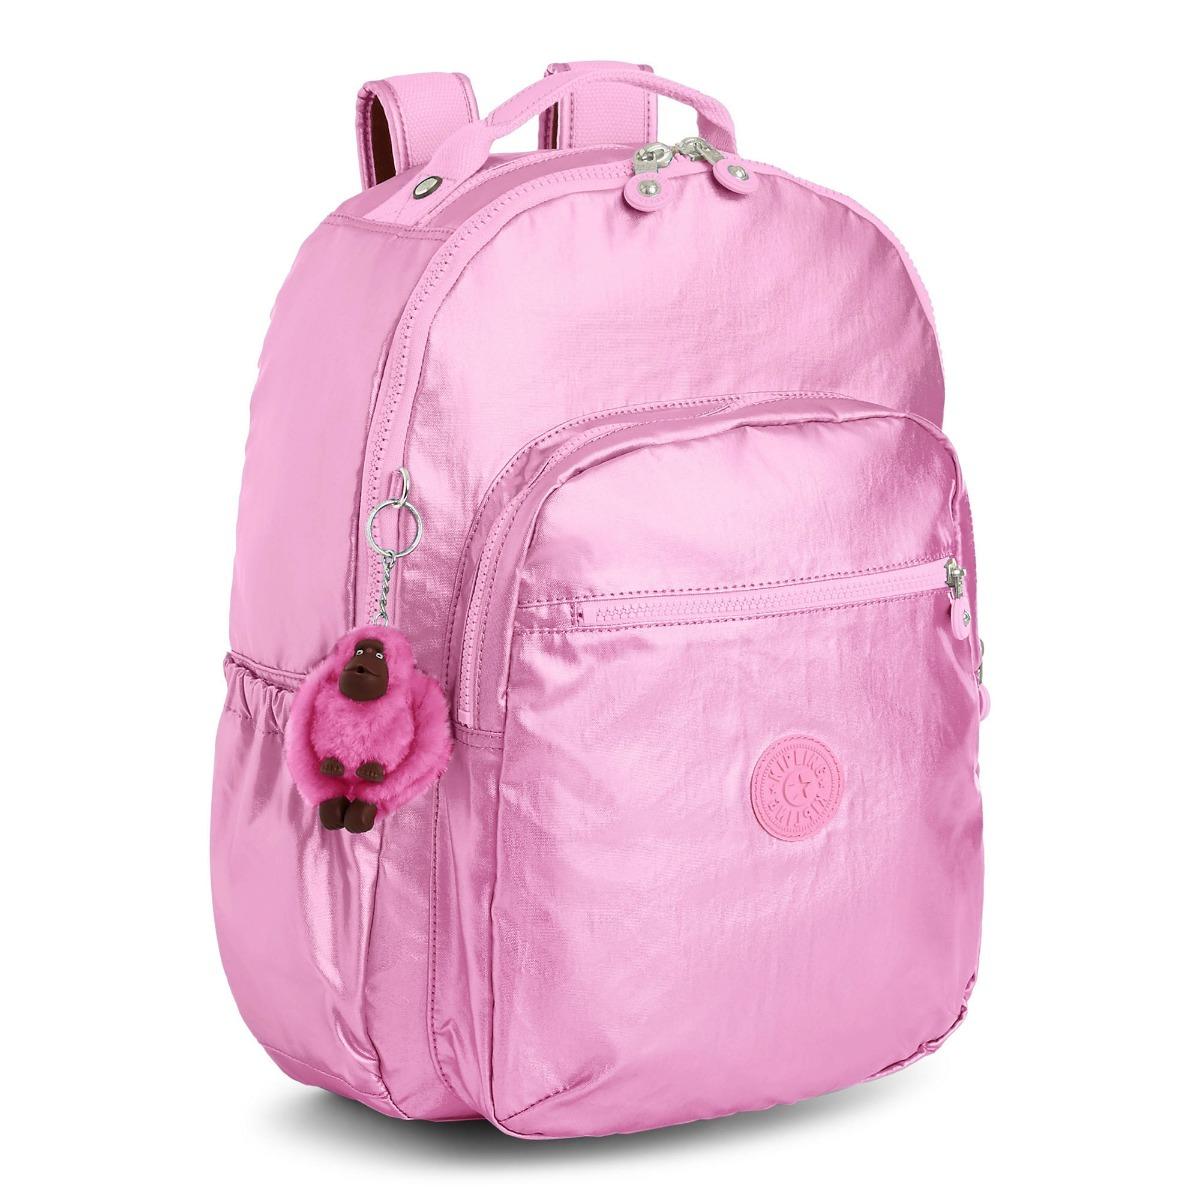 422eae271 Mochila Kipling Seoul Go Tamaño Large Rosa Metalico - $ 2,295.00 en ...